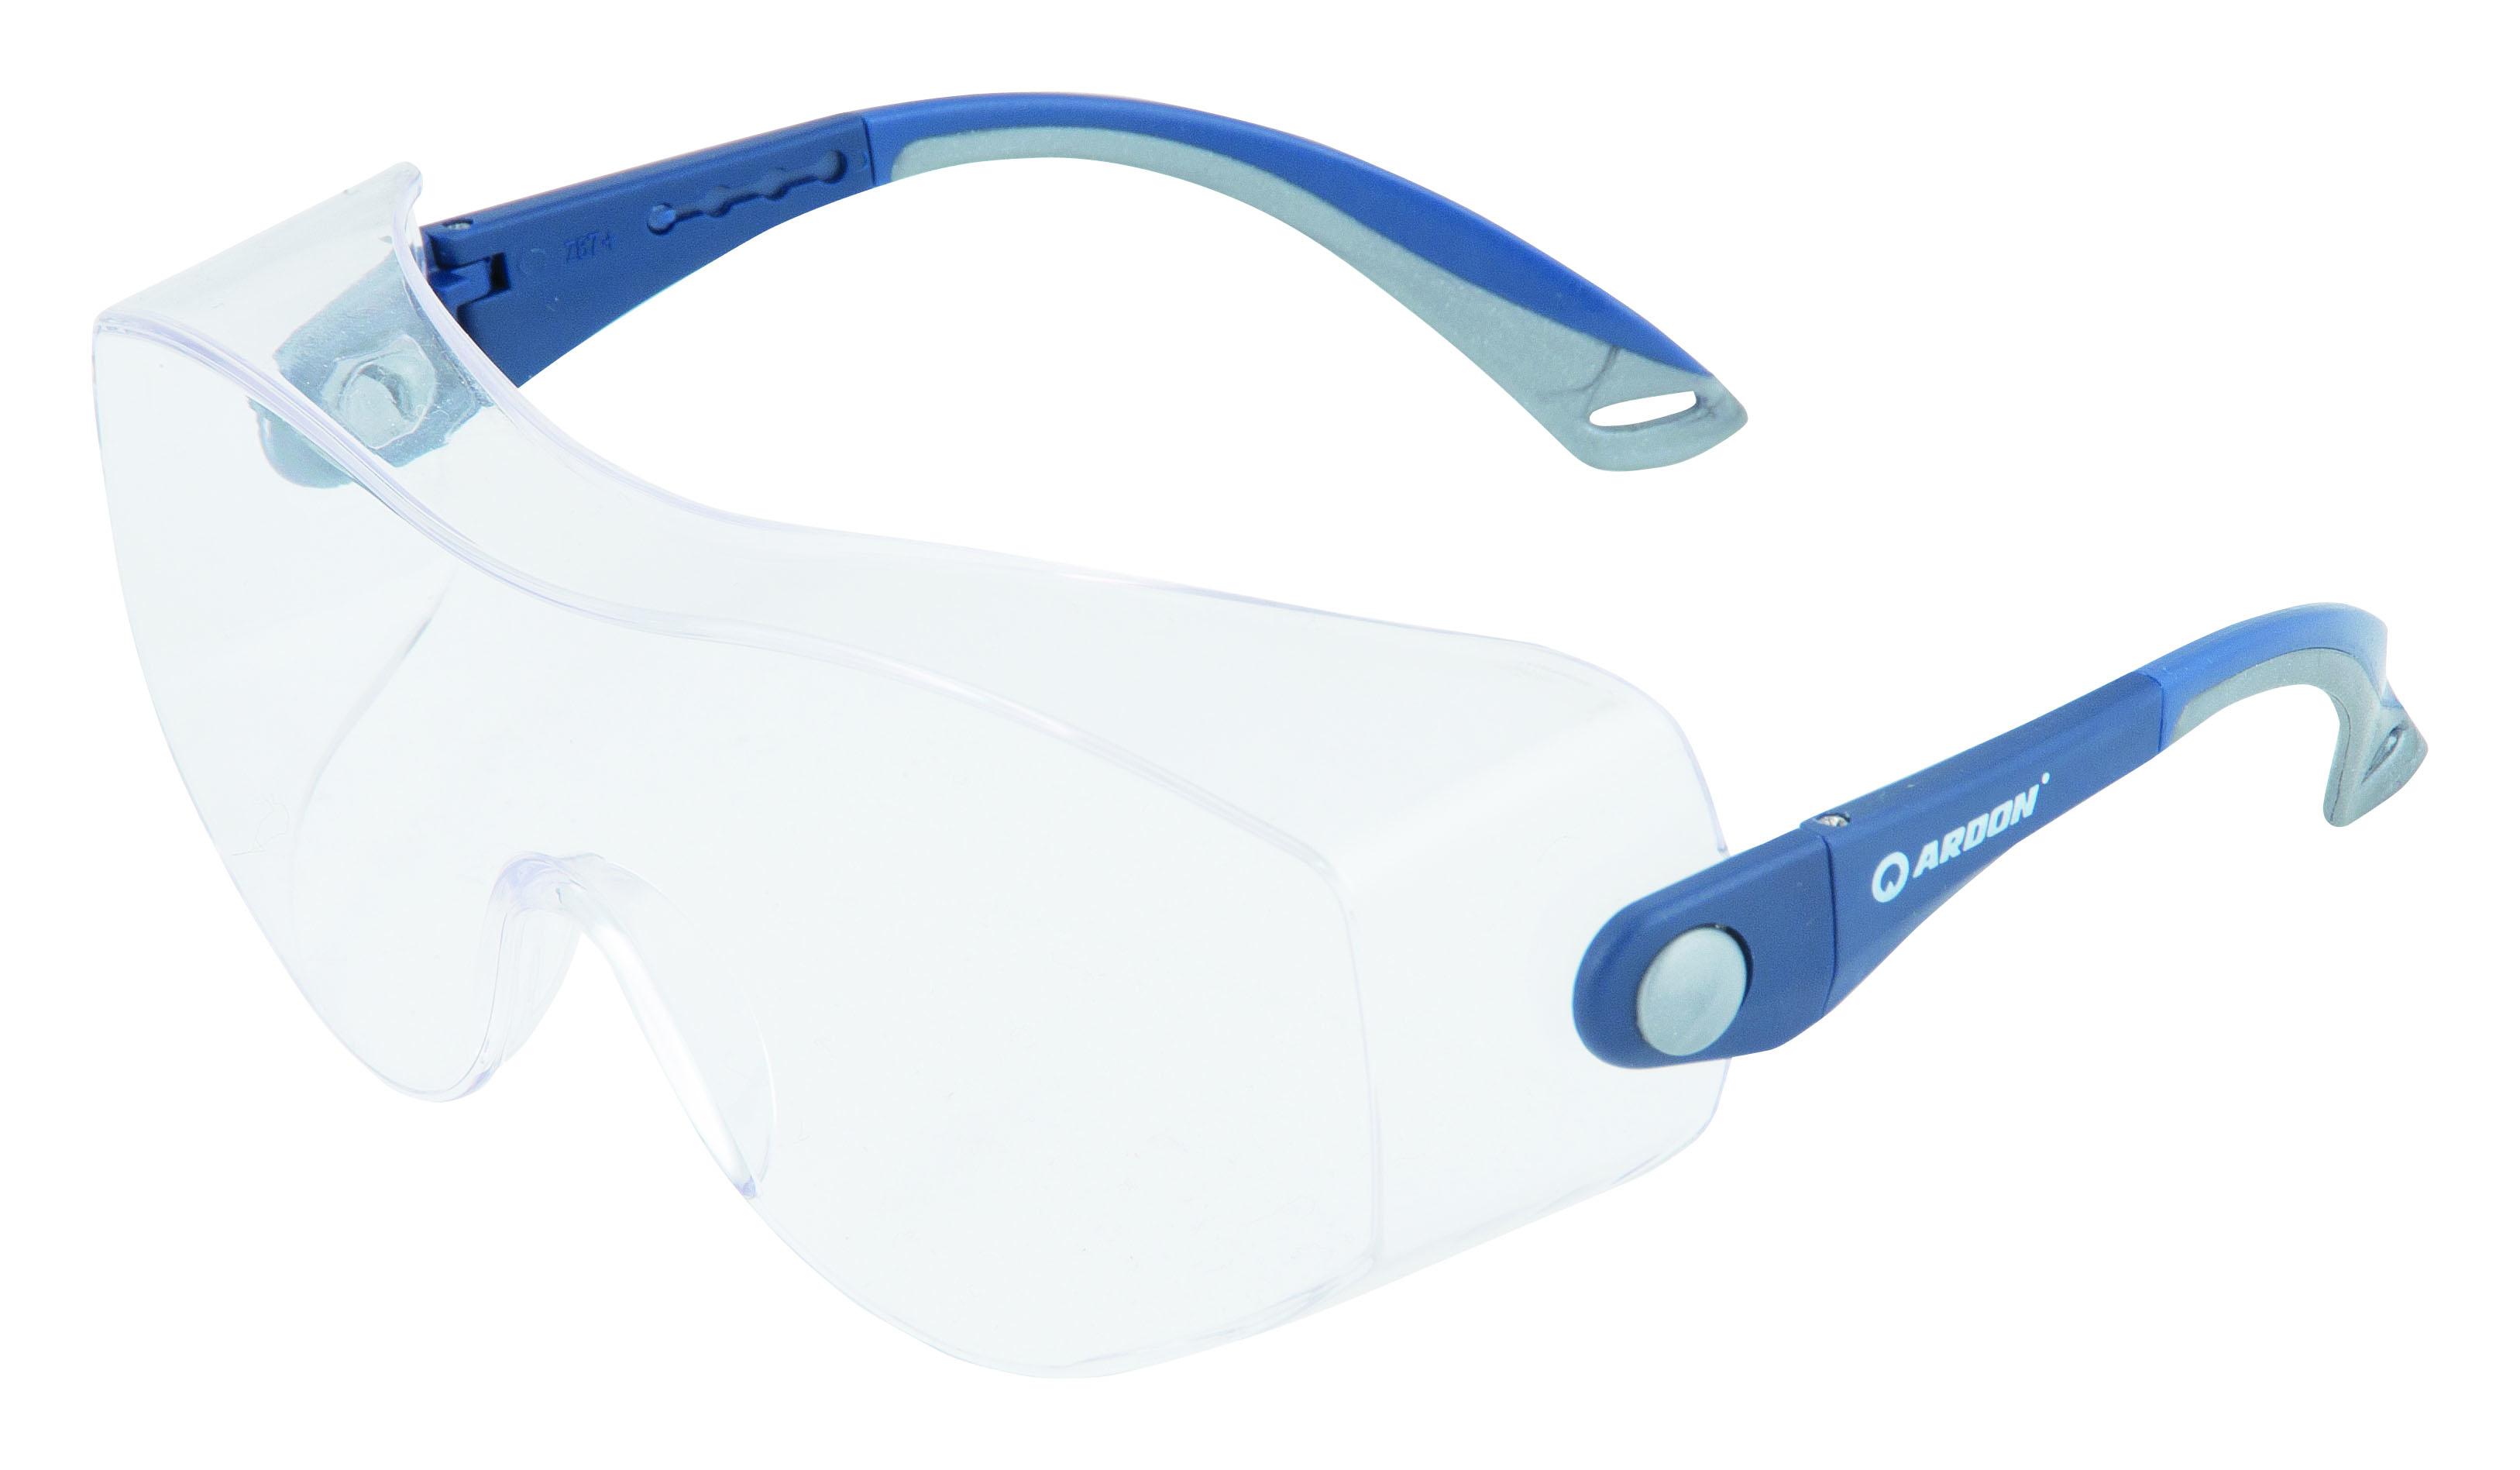 Brýle V12-000 návštěvnické